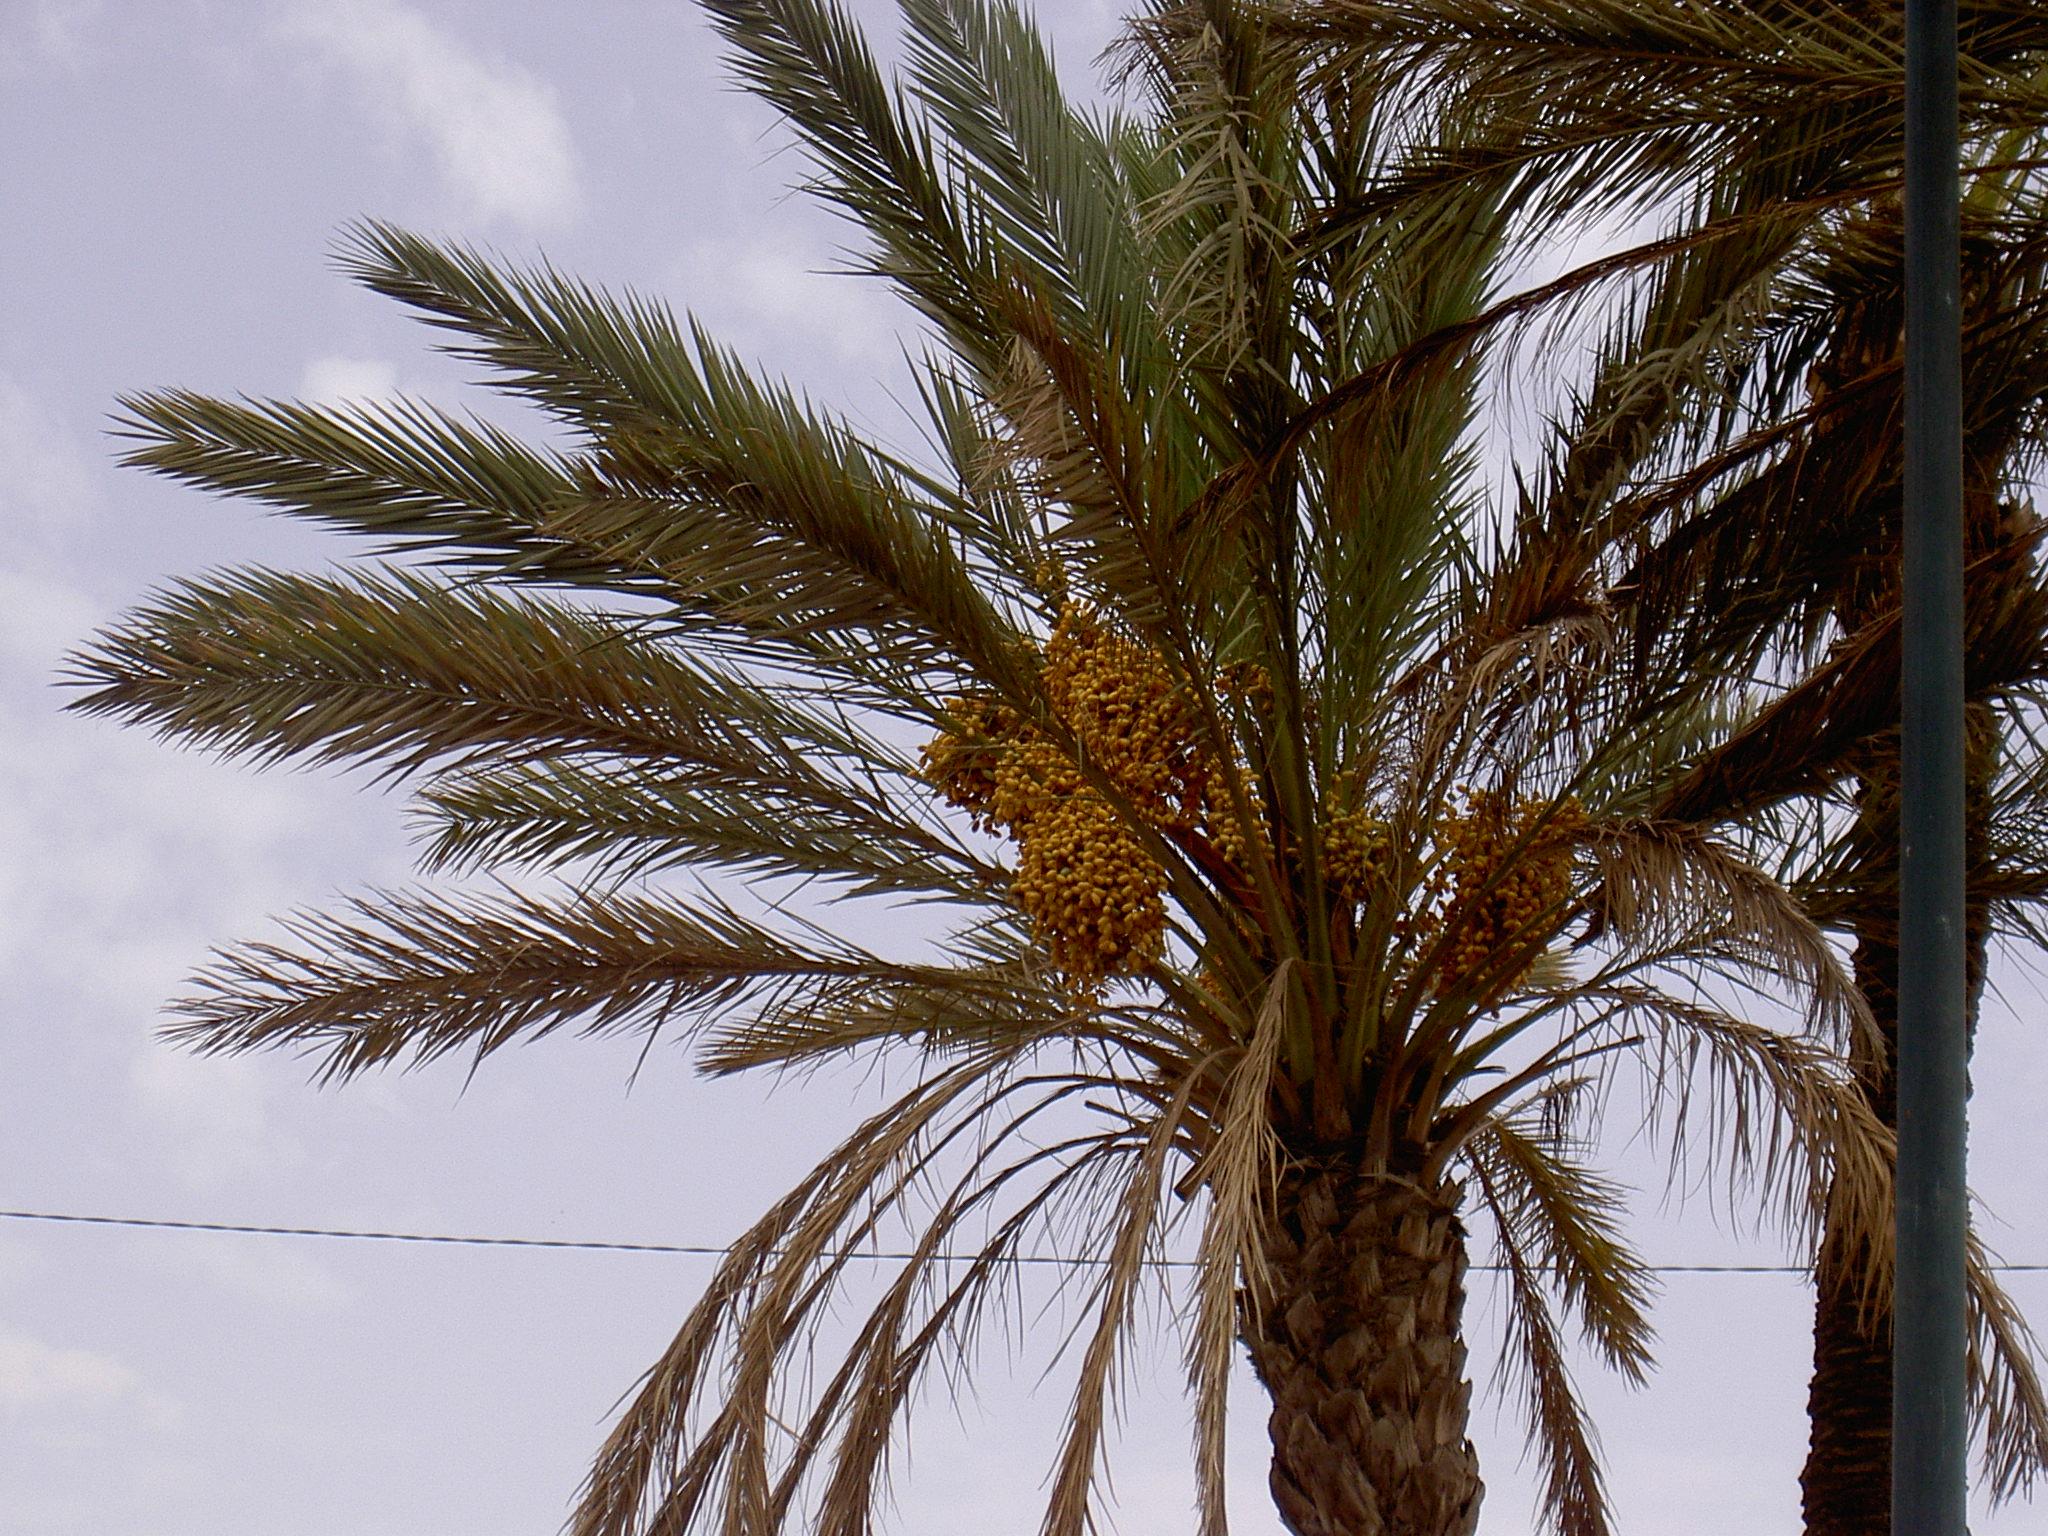 Palmier dattier - Fruit qui pousse sur un palmier ...